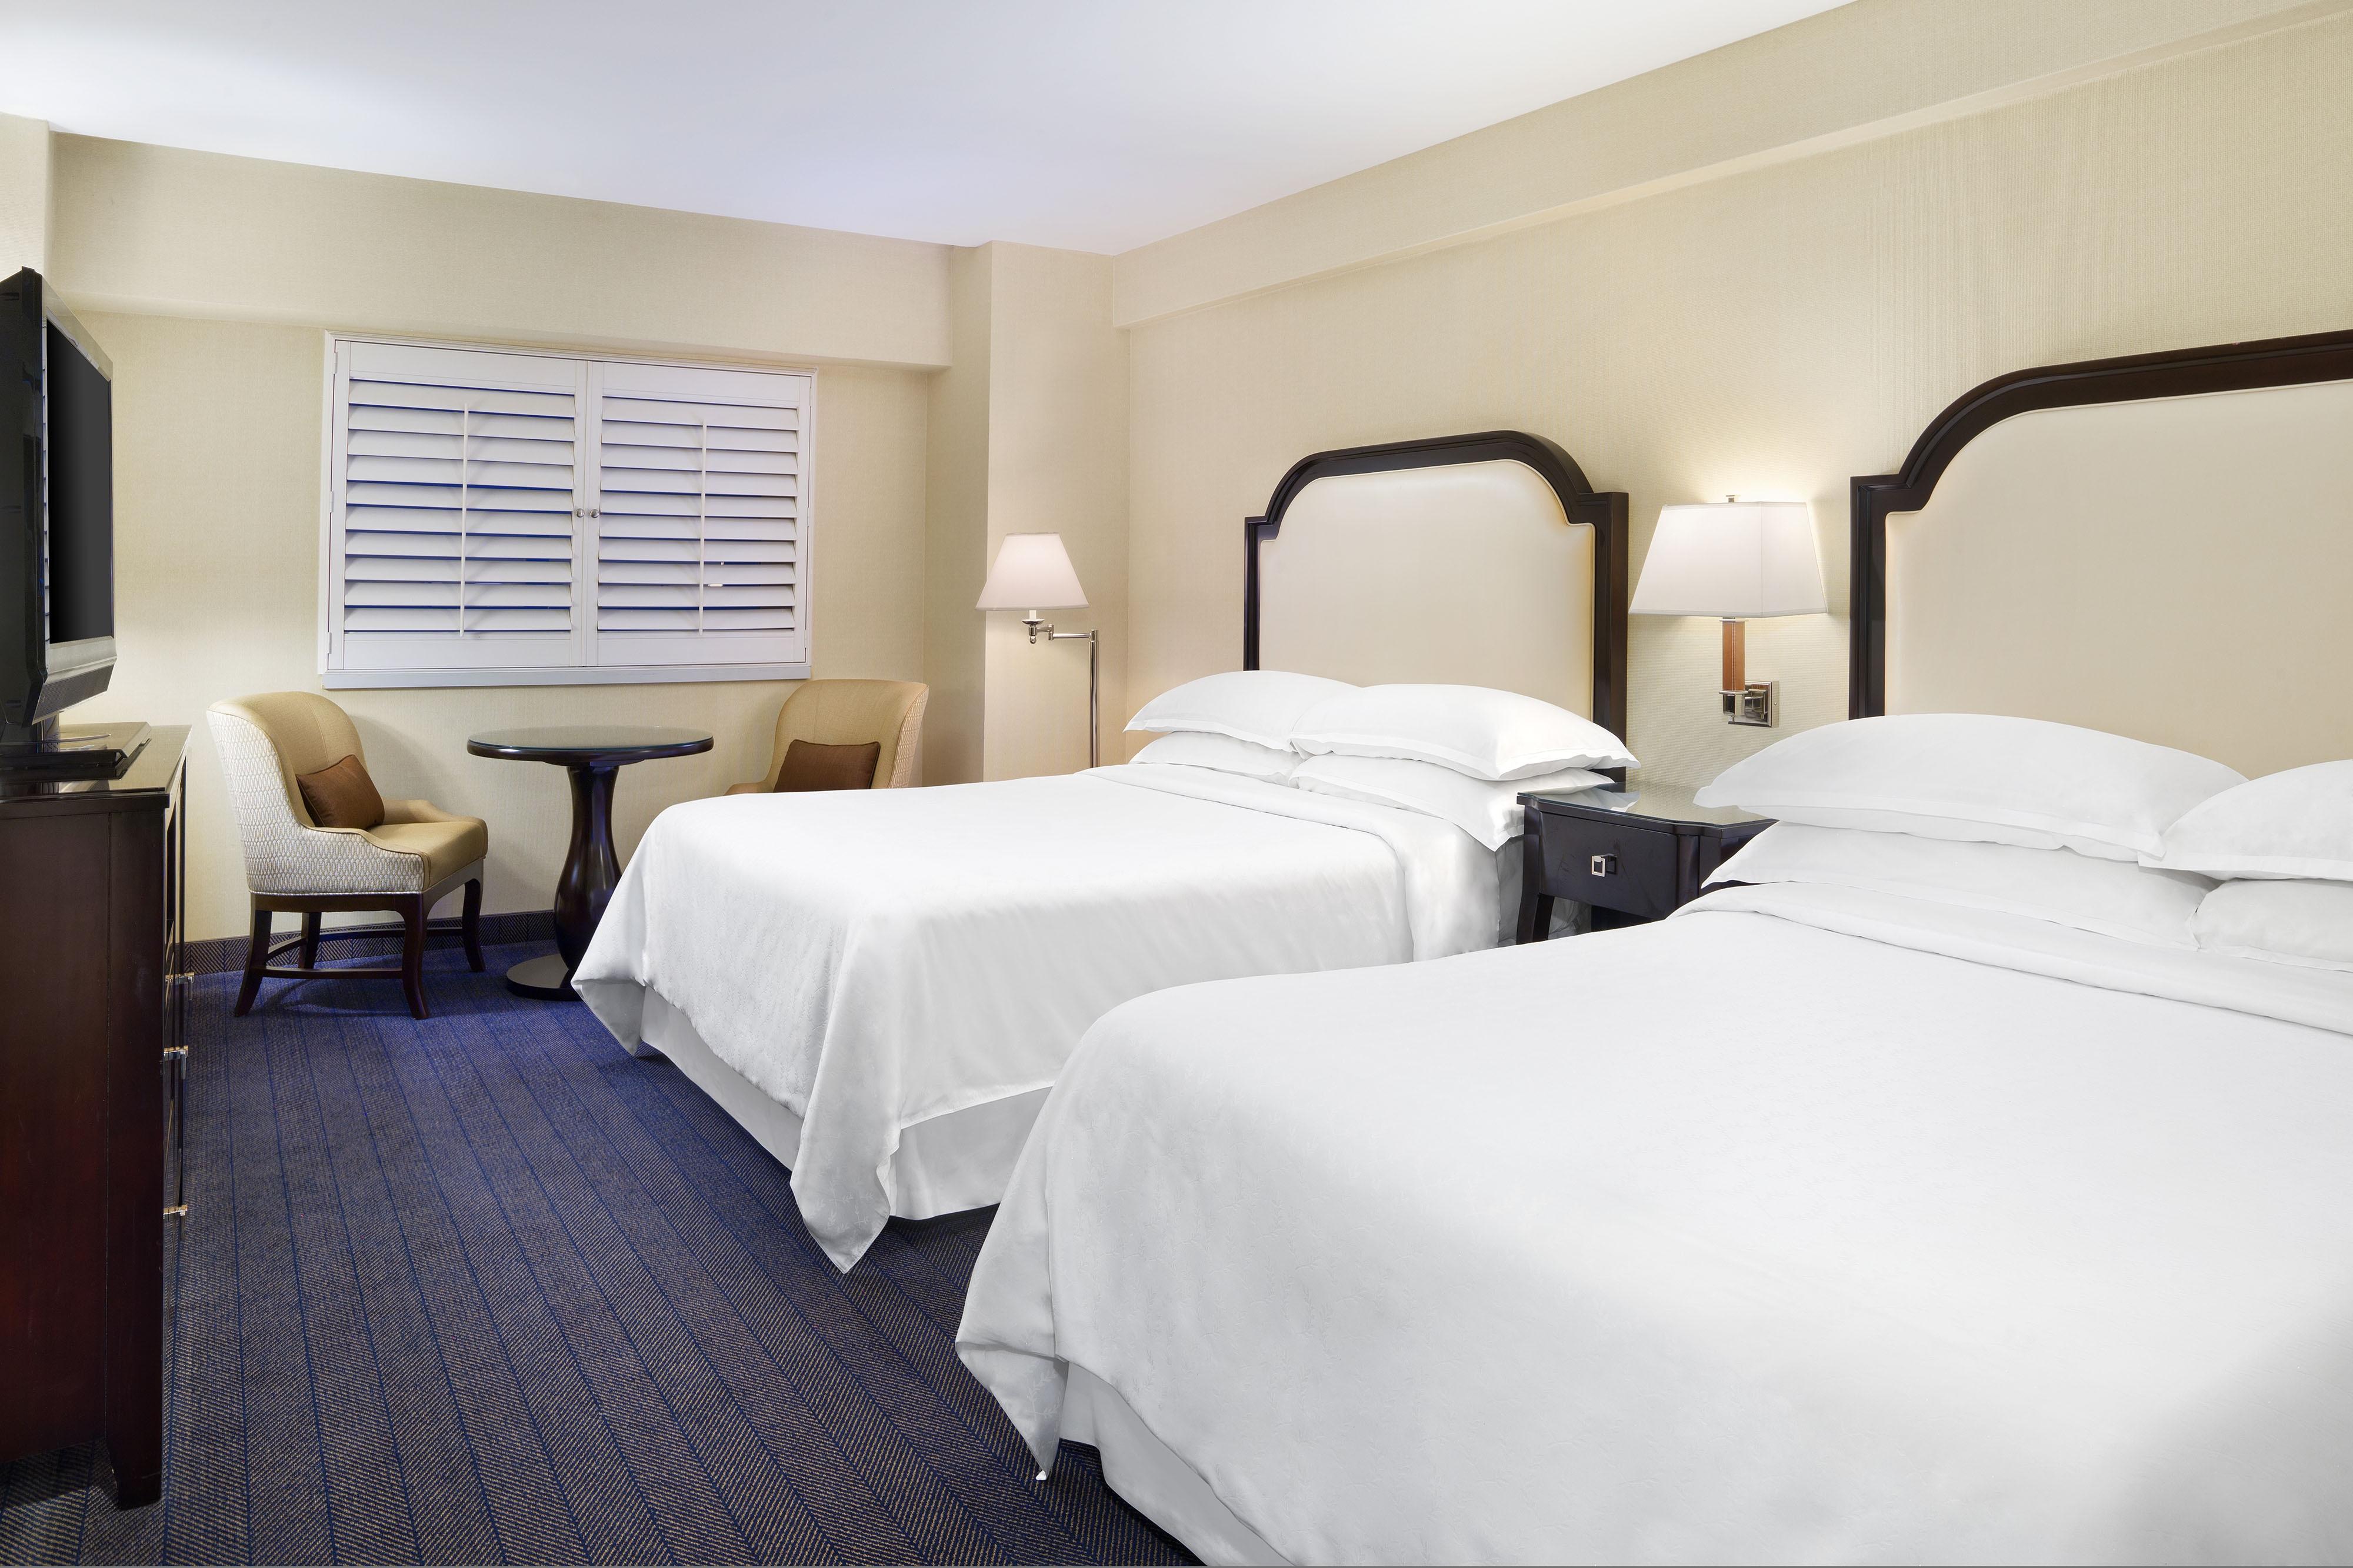 Номер с 2 двуспальными кроватями (Queen)